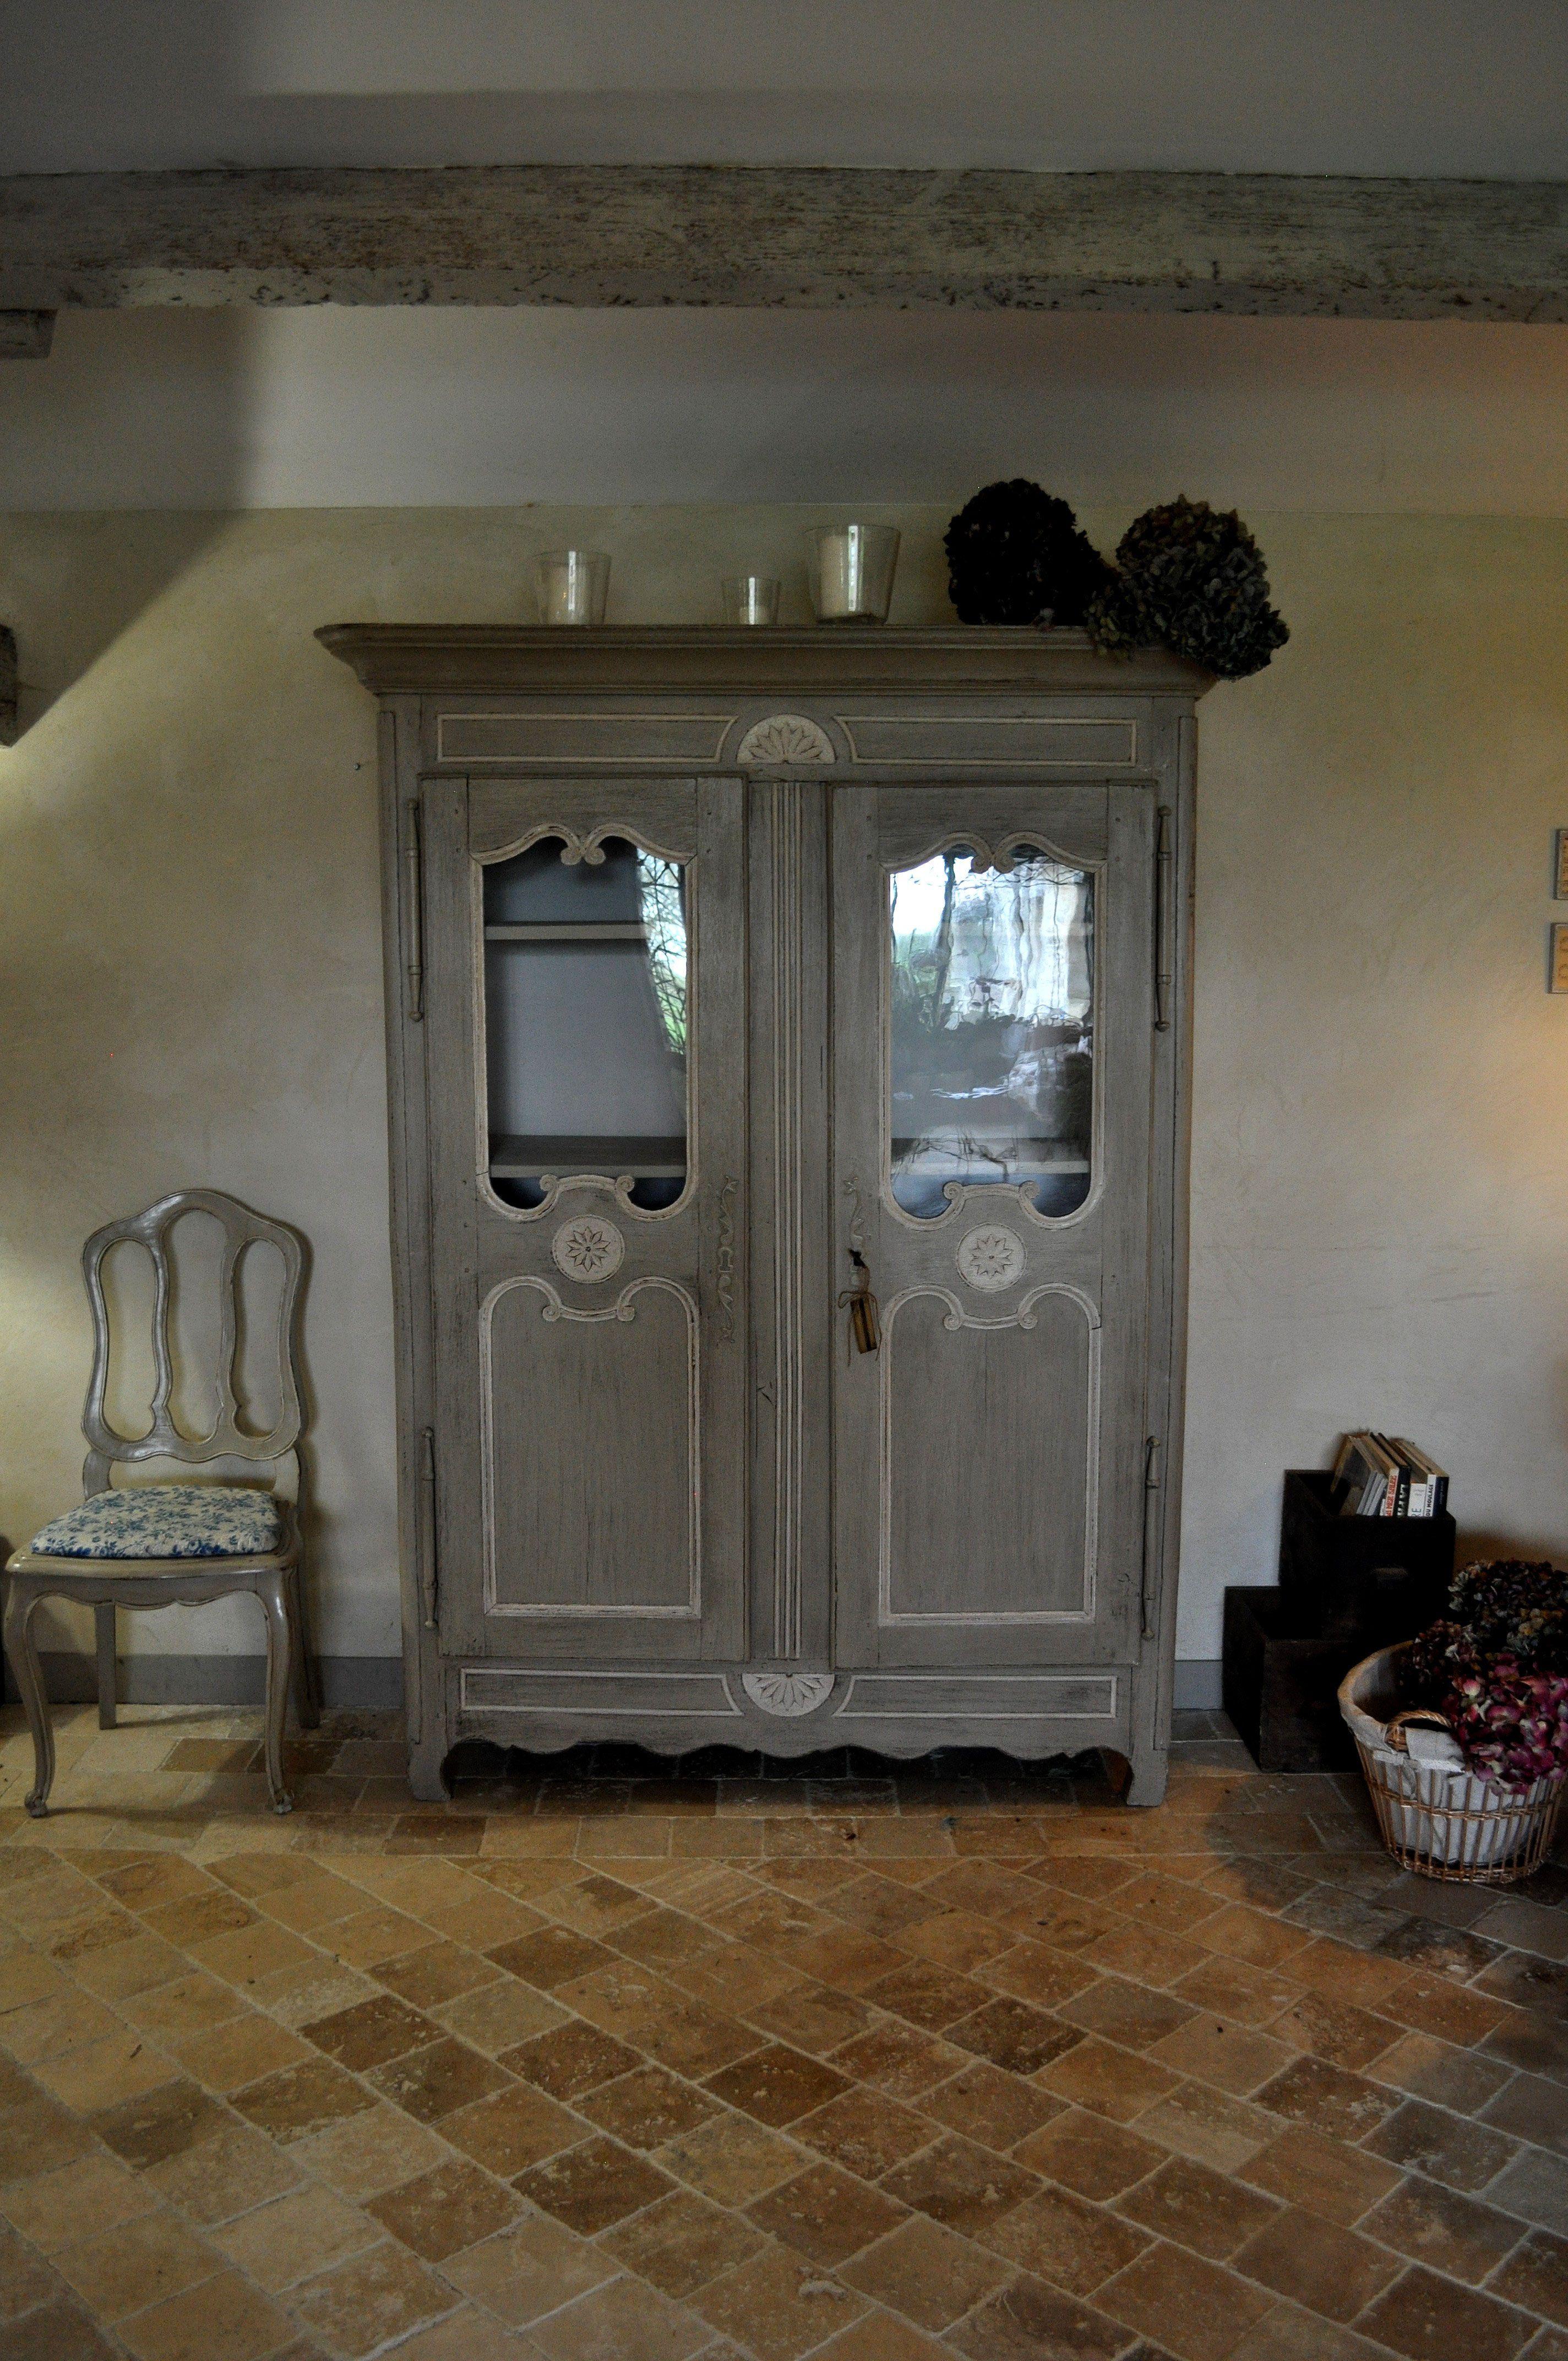 Tres belle armoire vitrée d'origine Normande, Louis XV Patinée par les patines de Mélusine et en vente ici: https://www.lespatinesdemelusine.fr/meubles-a-la-vente/